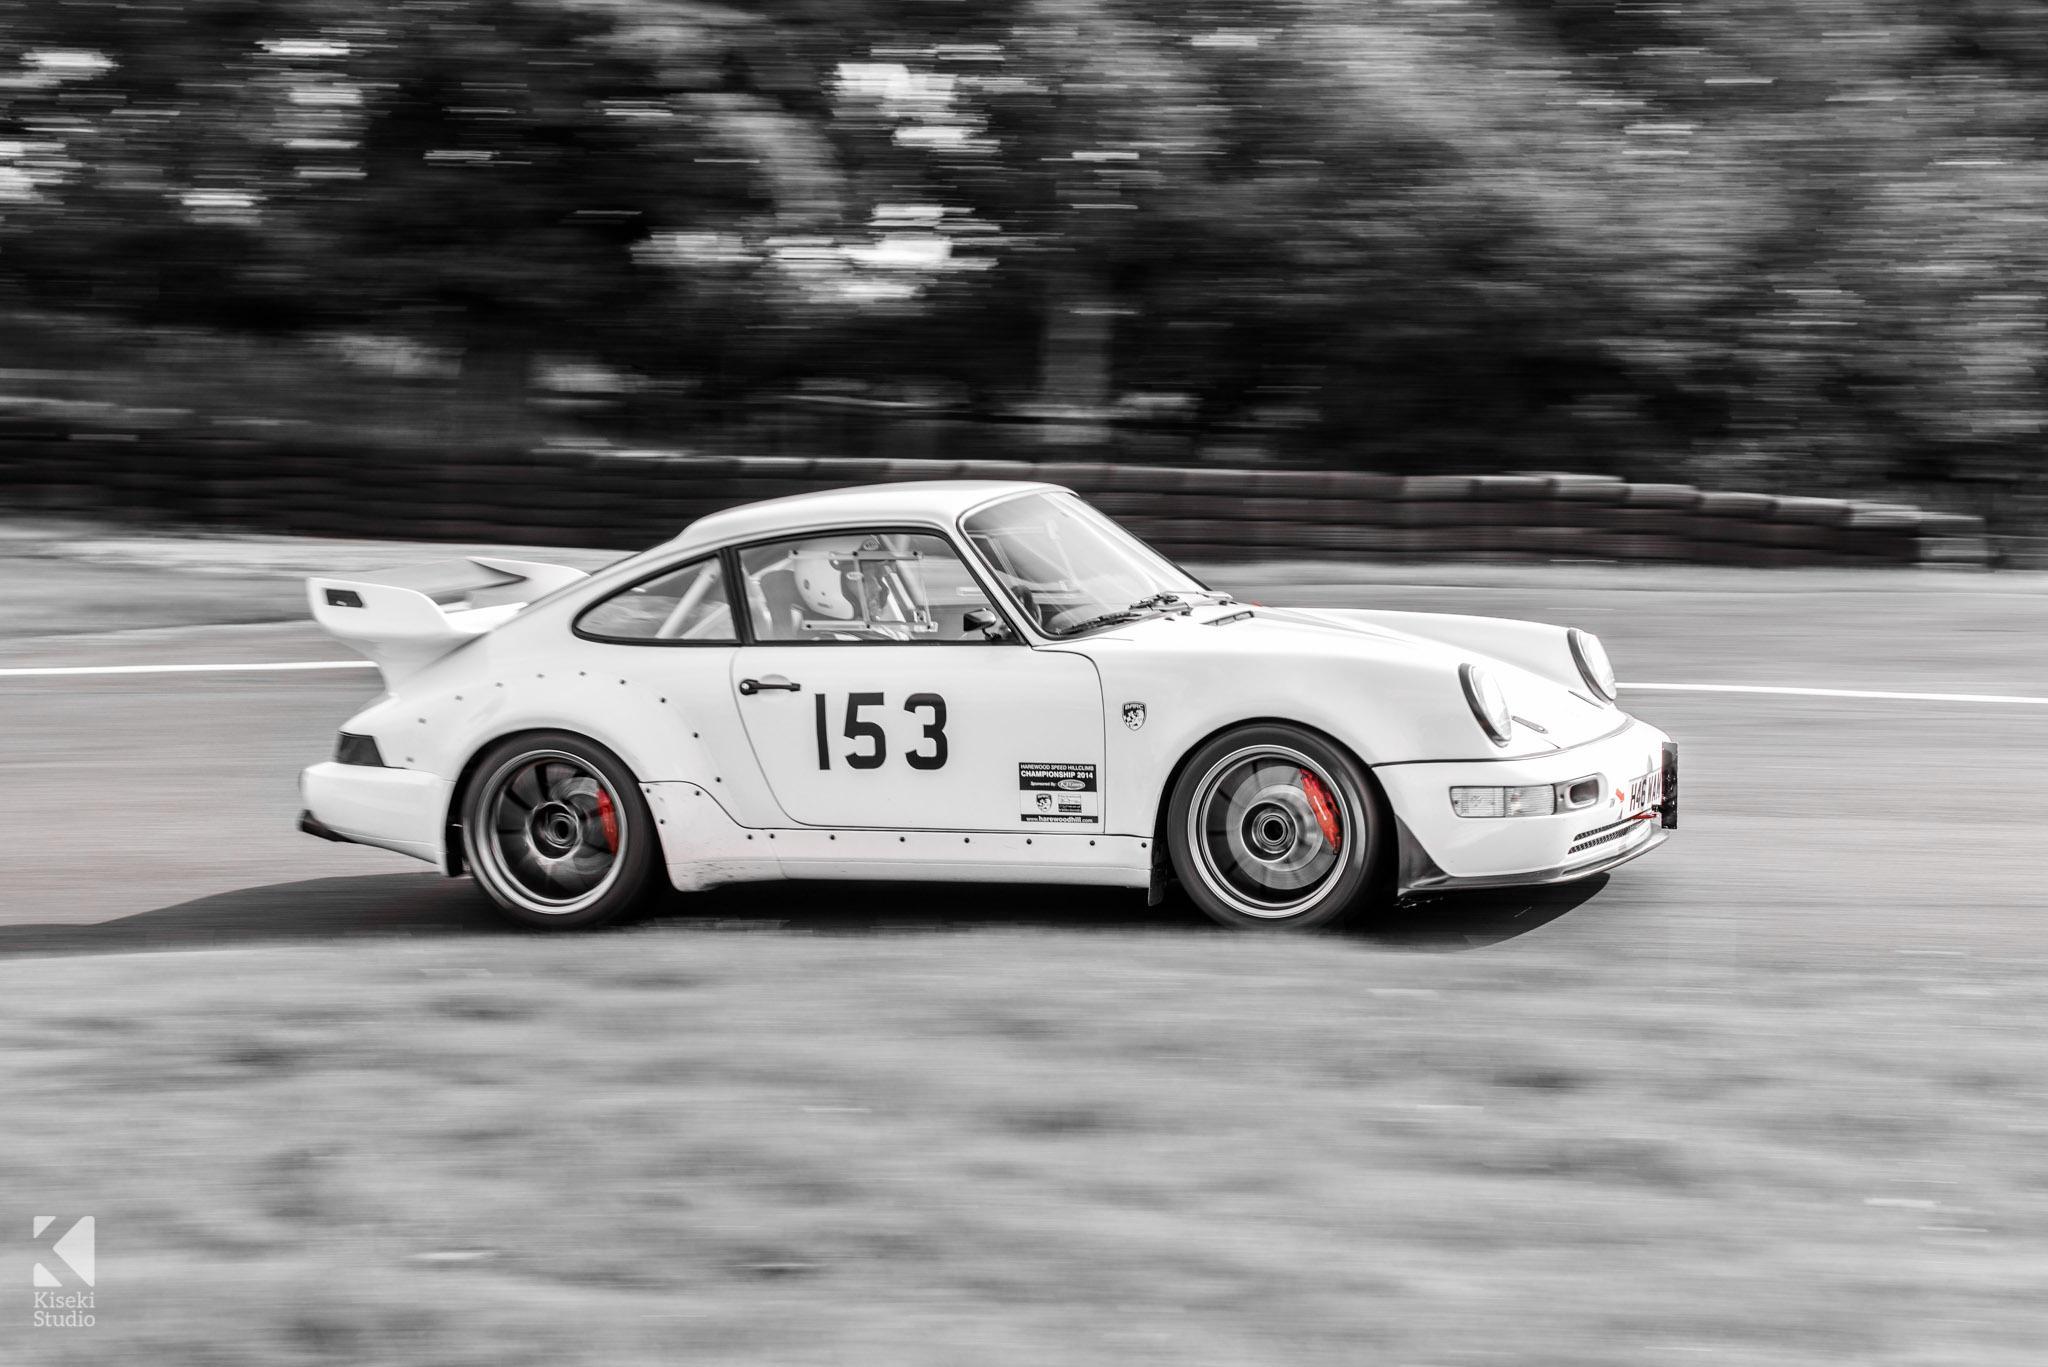 Porsche 911 Carrera 964 at Harewood Hill Climb